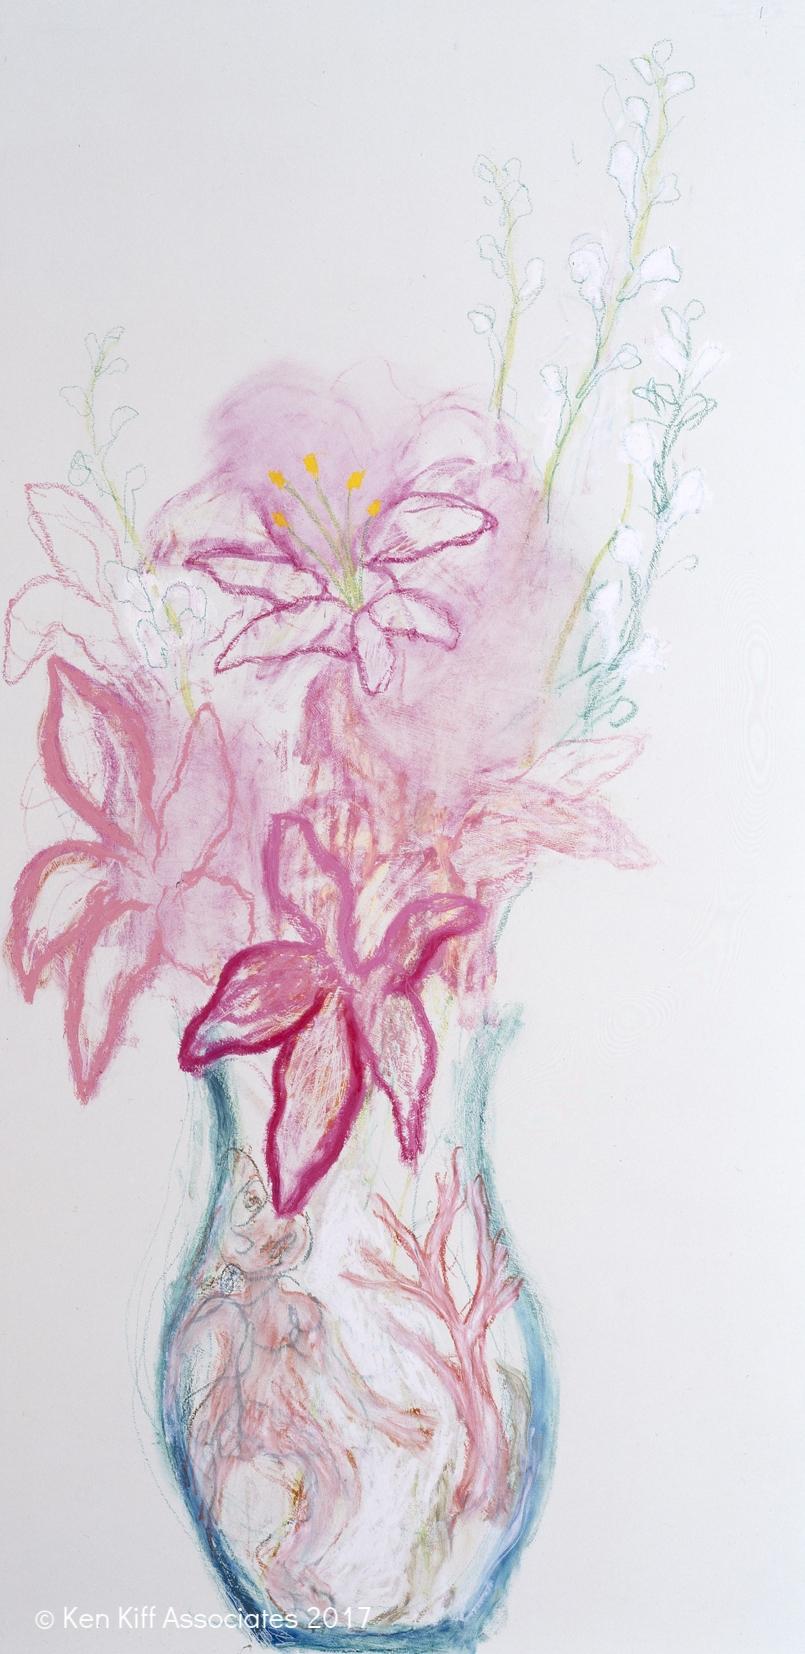 Ken Kiff - Flowers